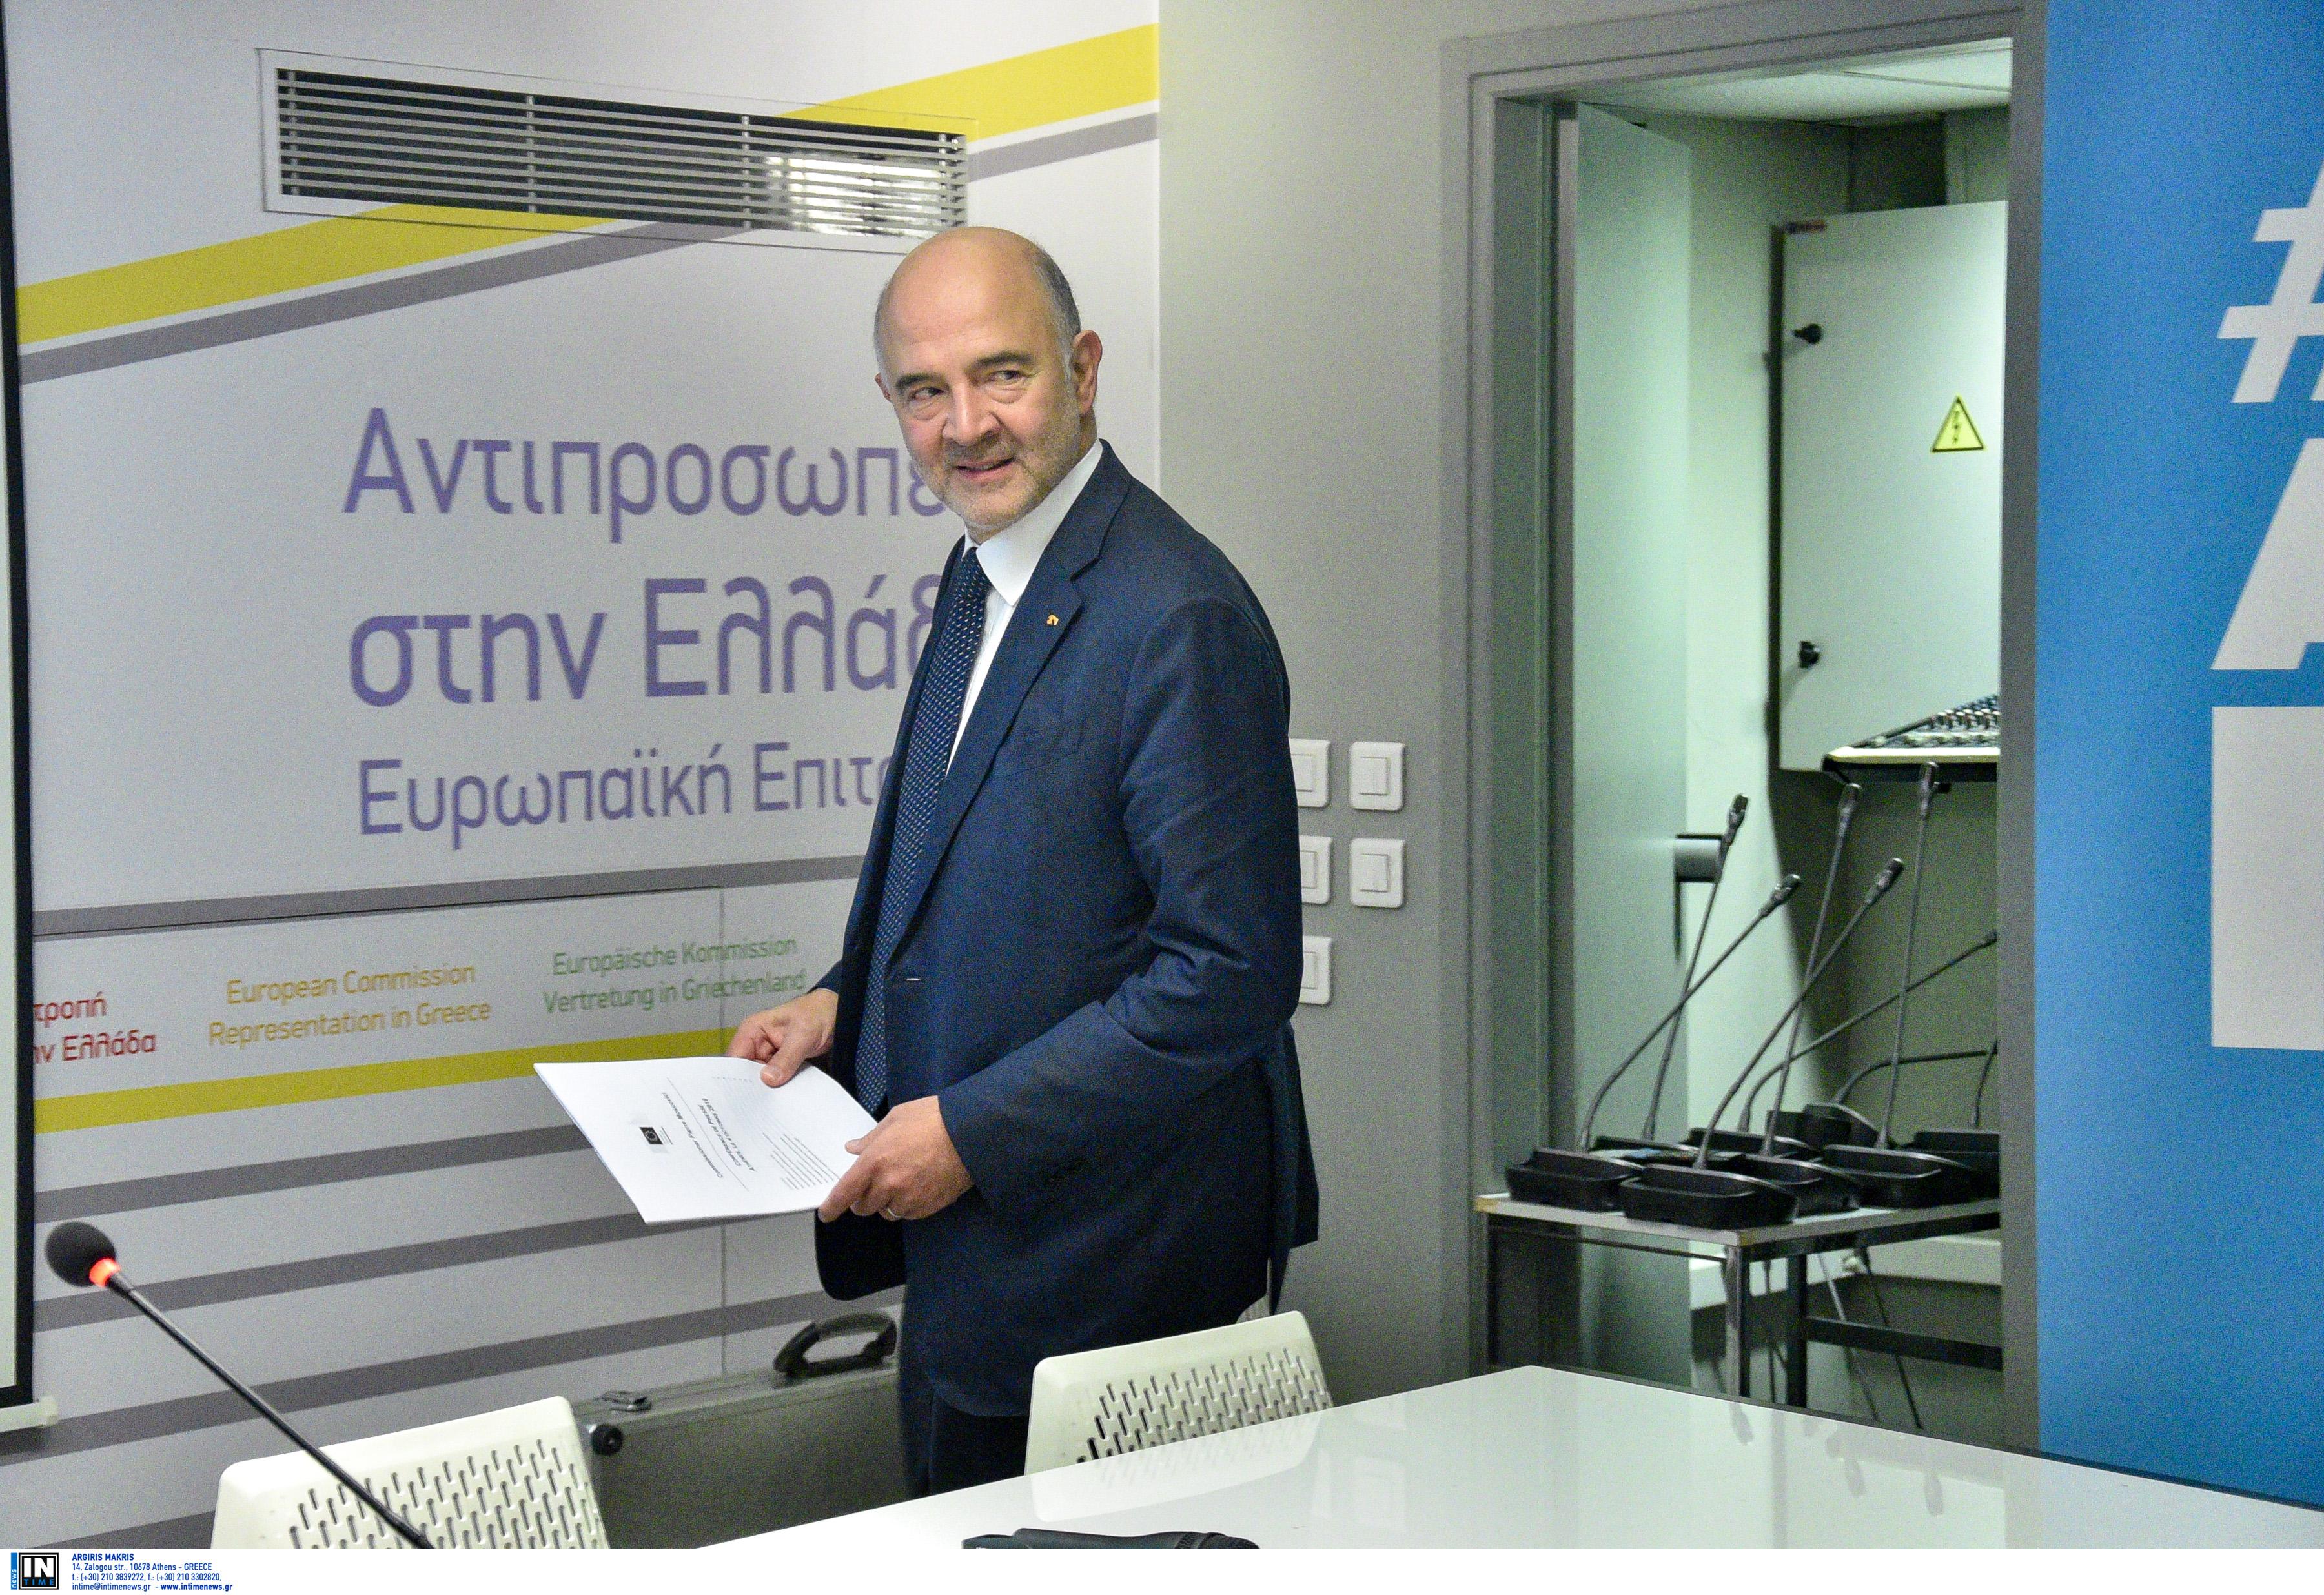 Μοσκοβισί: Δουλεύουμε μαζί με την Ελλάδα για μείωση των πλεονασμάτων